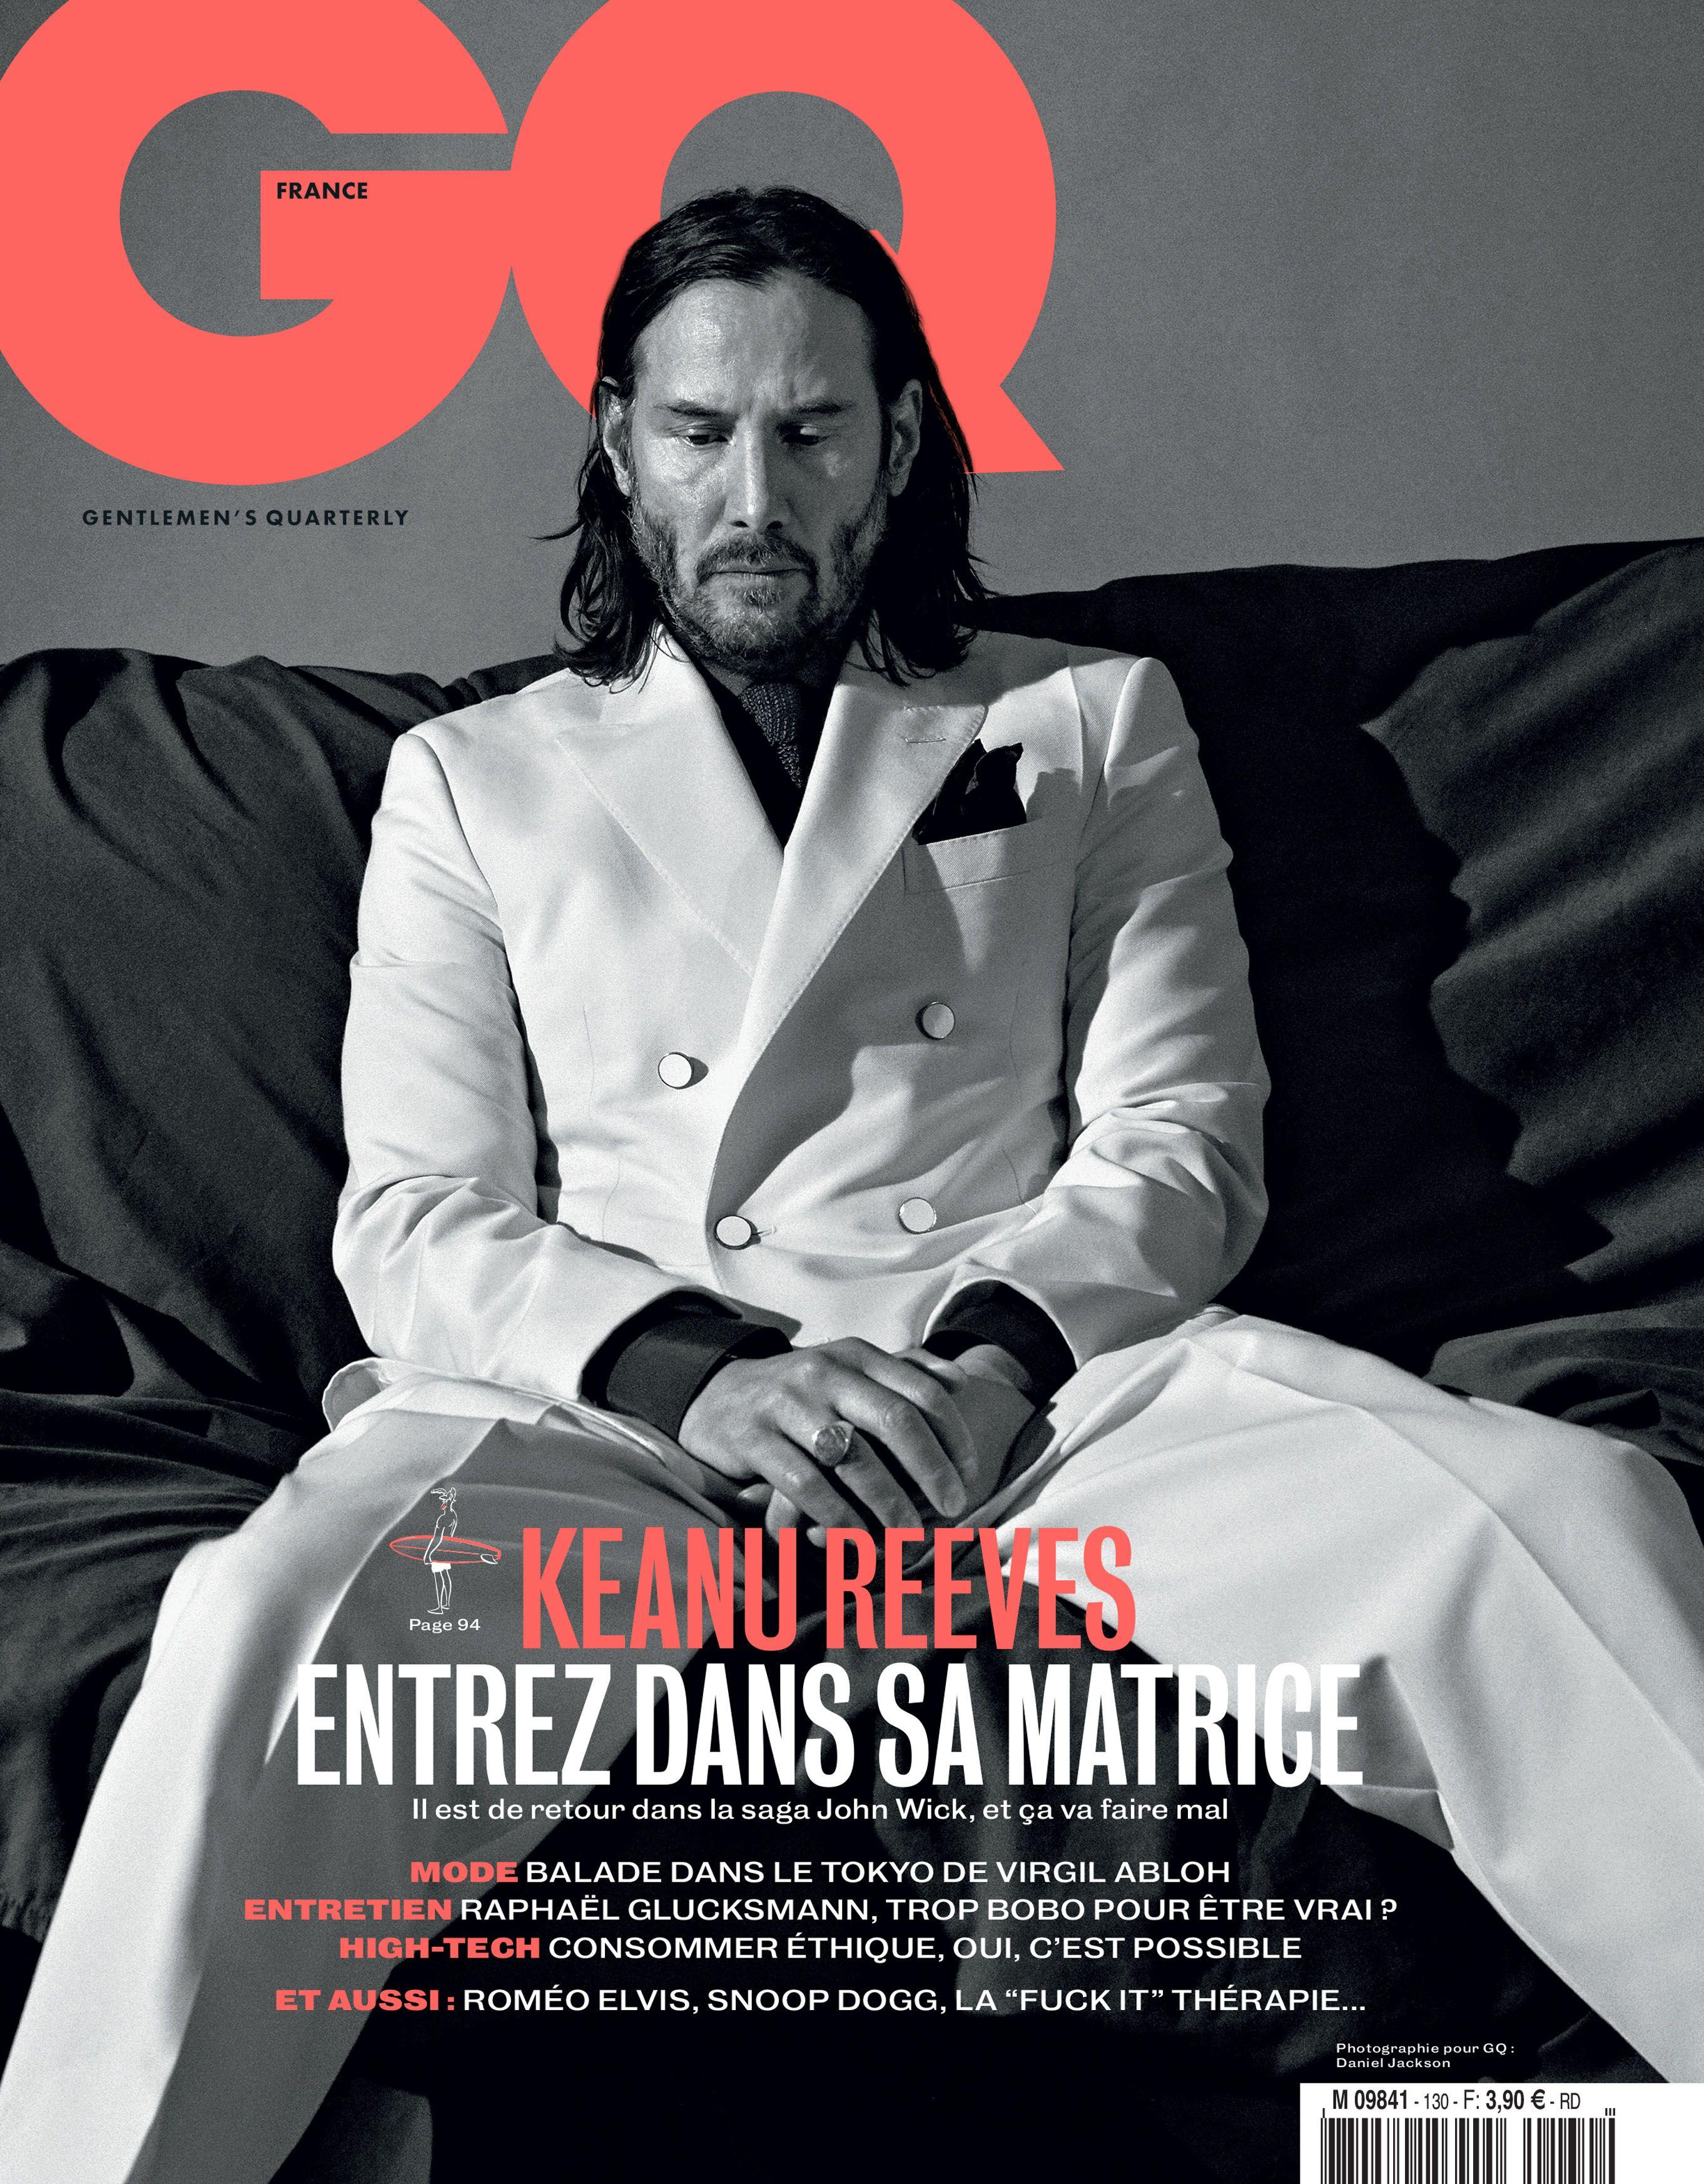 Épinglé par GQ France sur Les couvertures de GQ / Covers